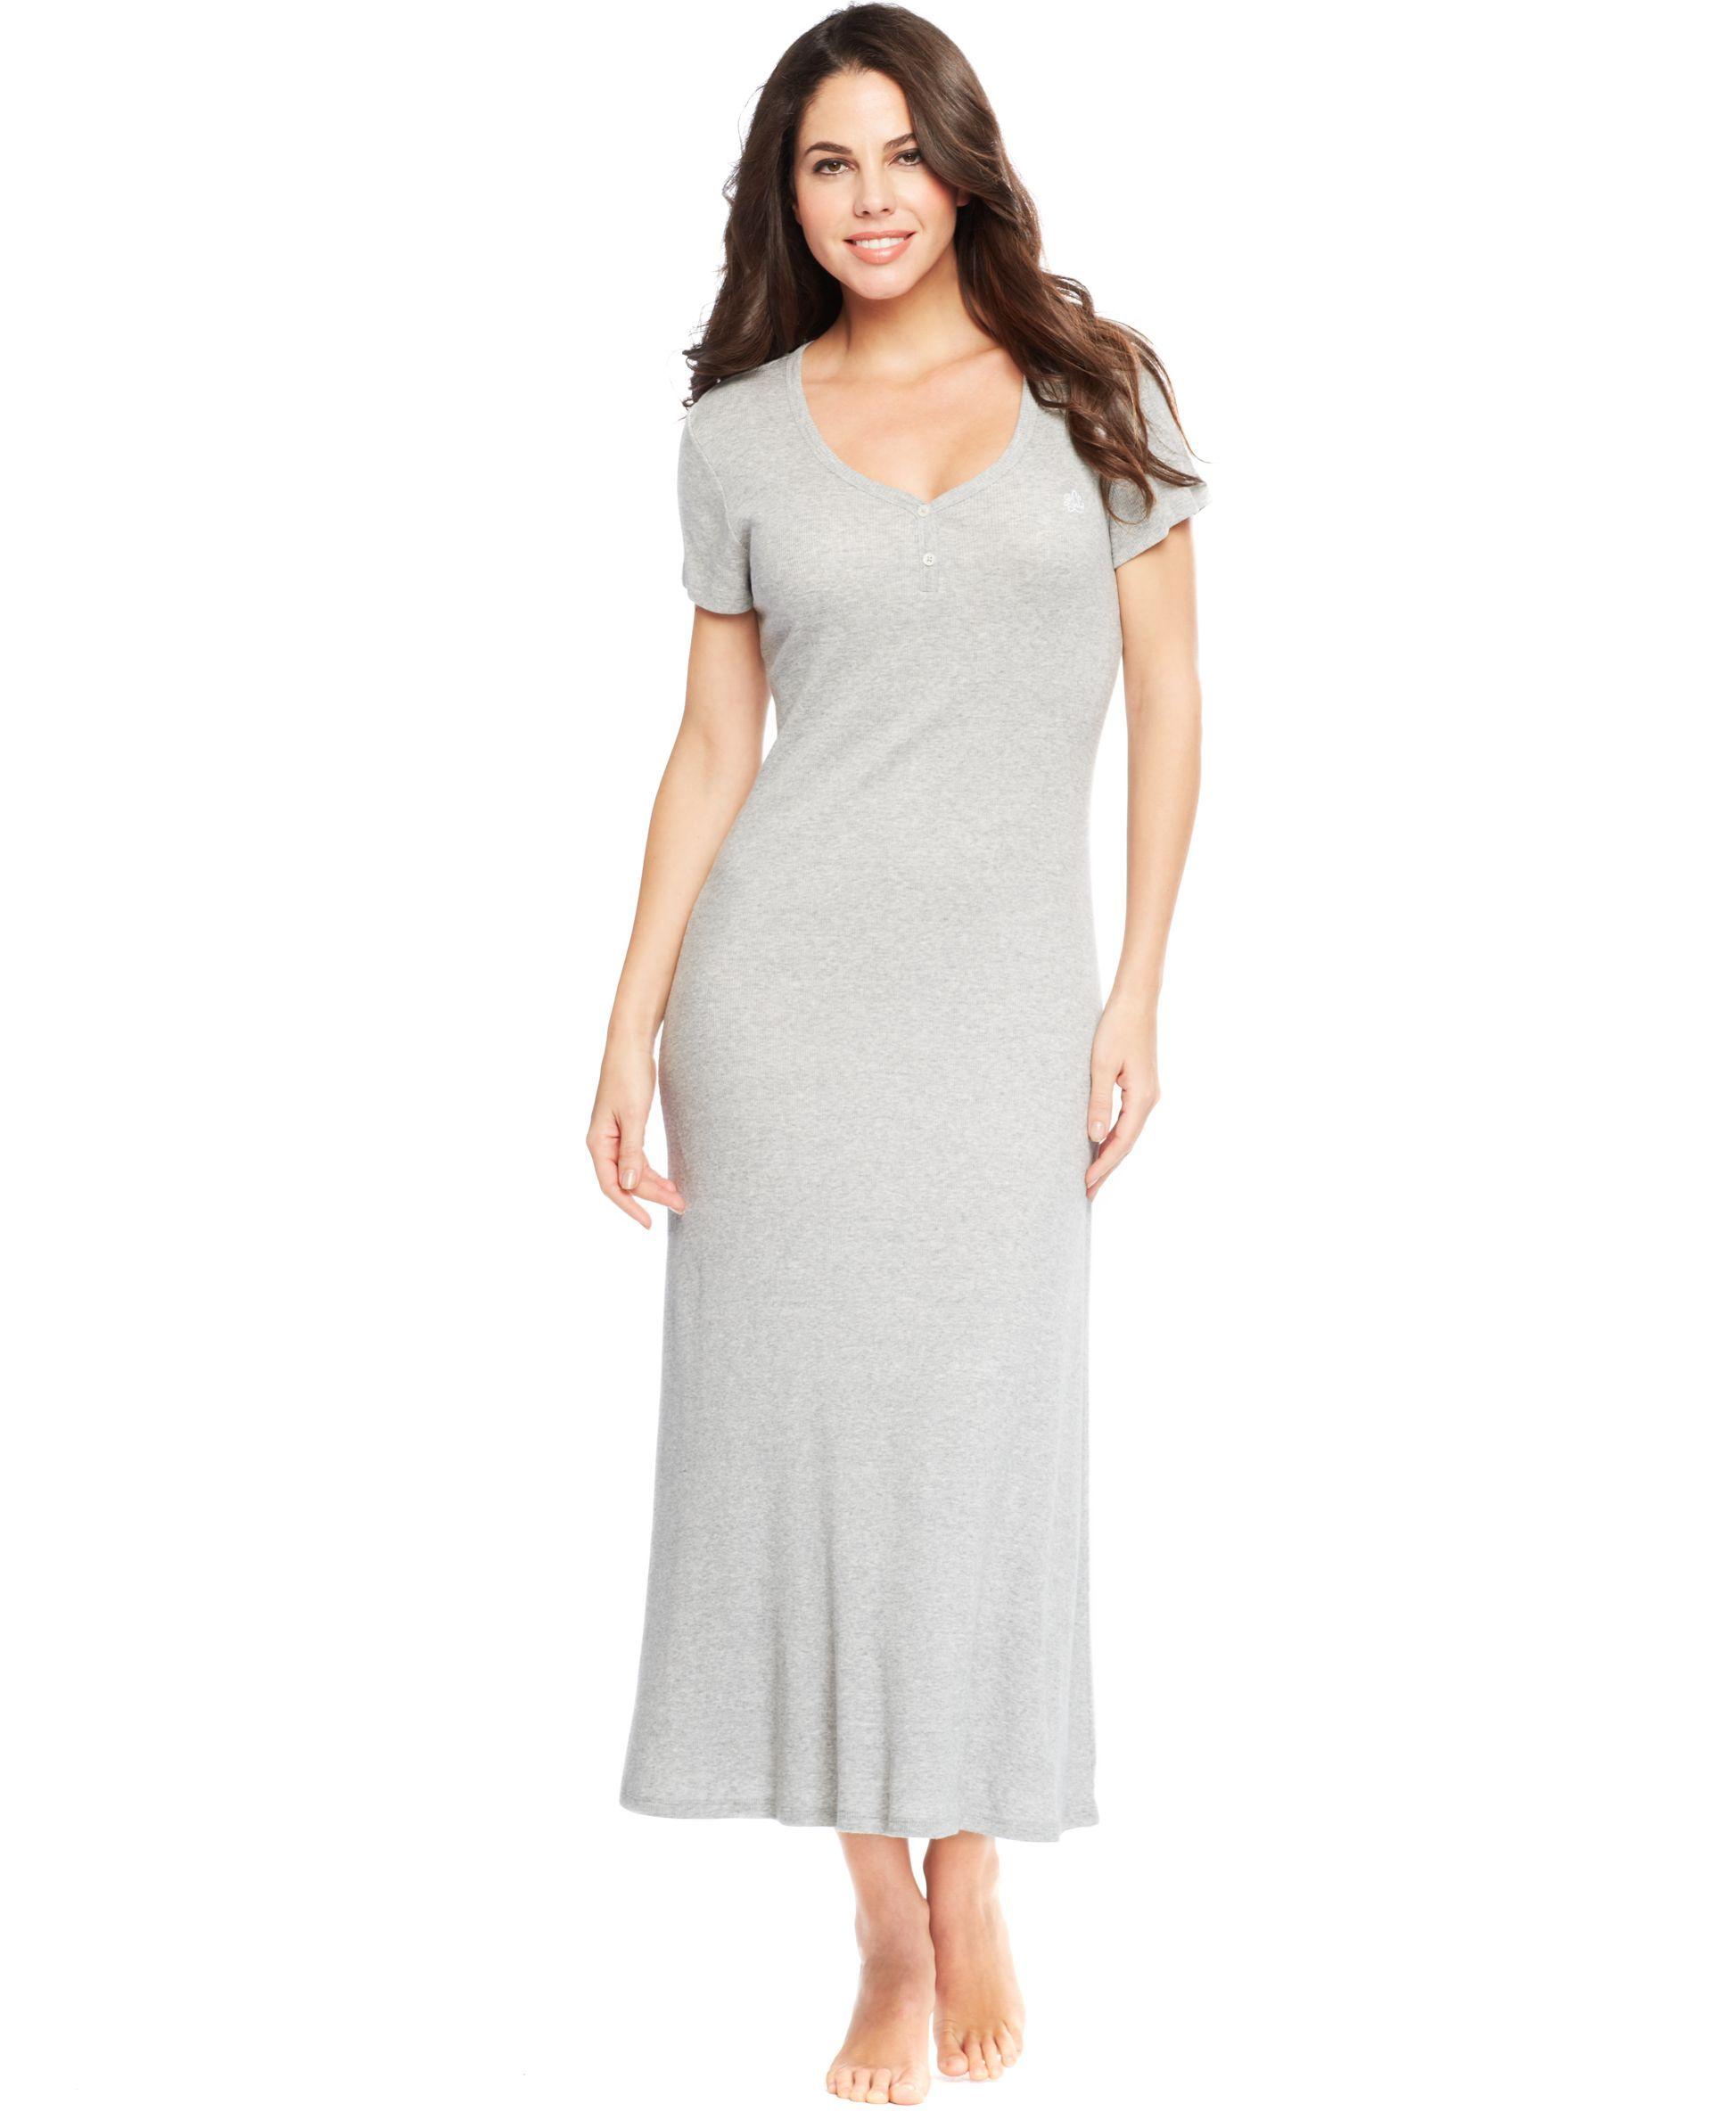 Lauren ralph lauren short sleeve vneck maxi gown products